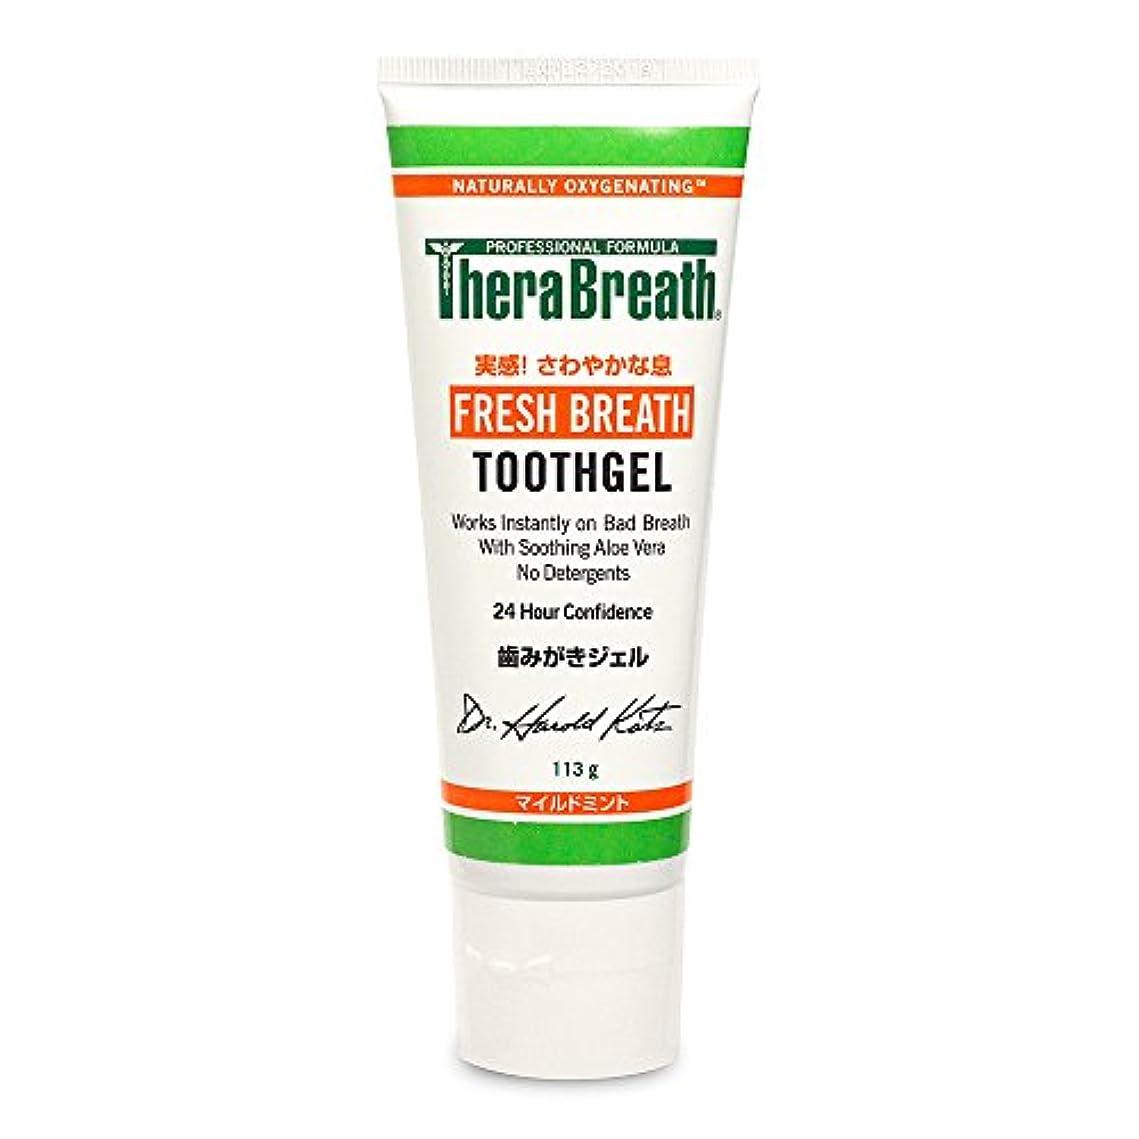 最小靄宿泊TheraBreath (セラブレス) セラブレストゥースジェル 113g (正規輸入品) 舌磨き